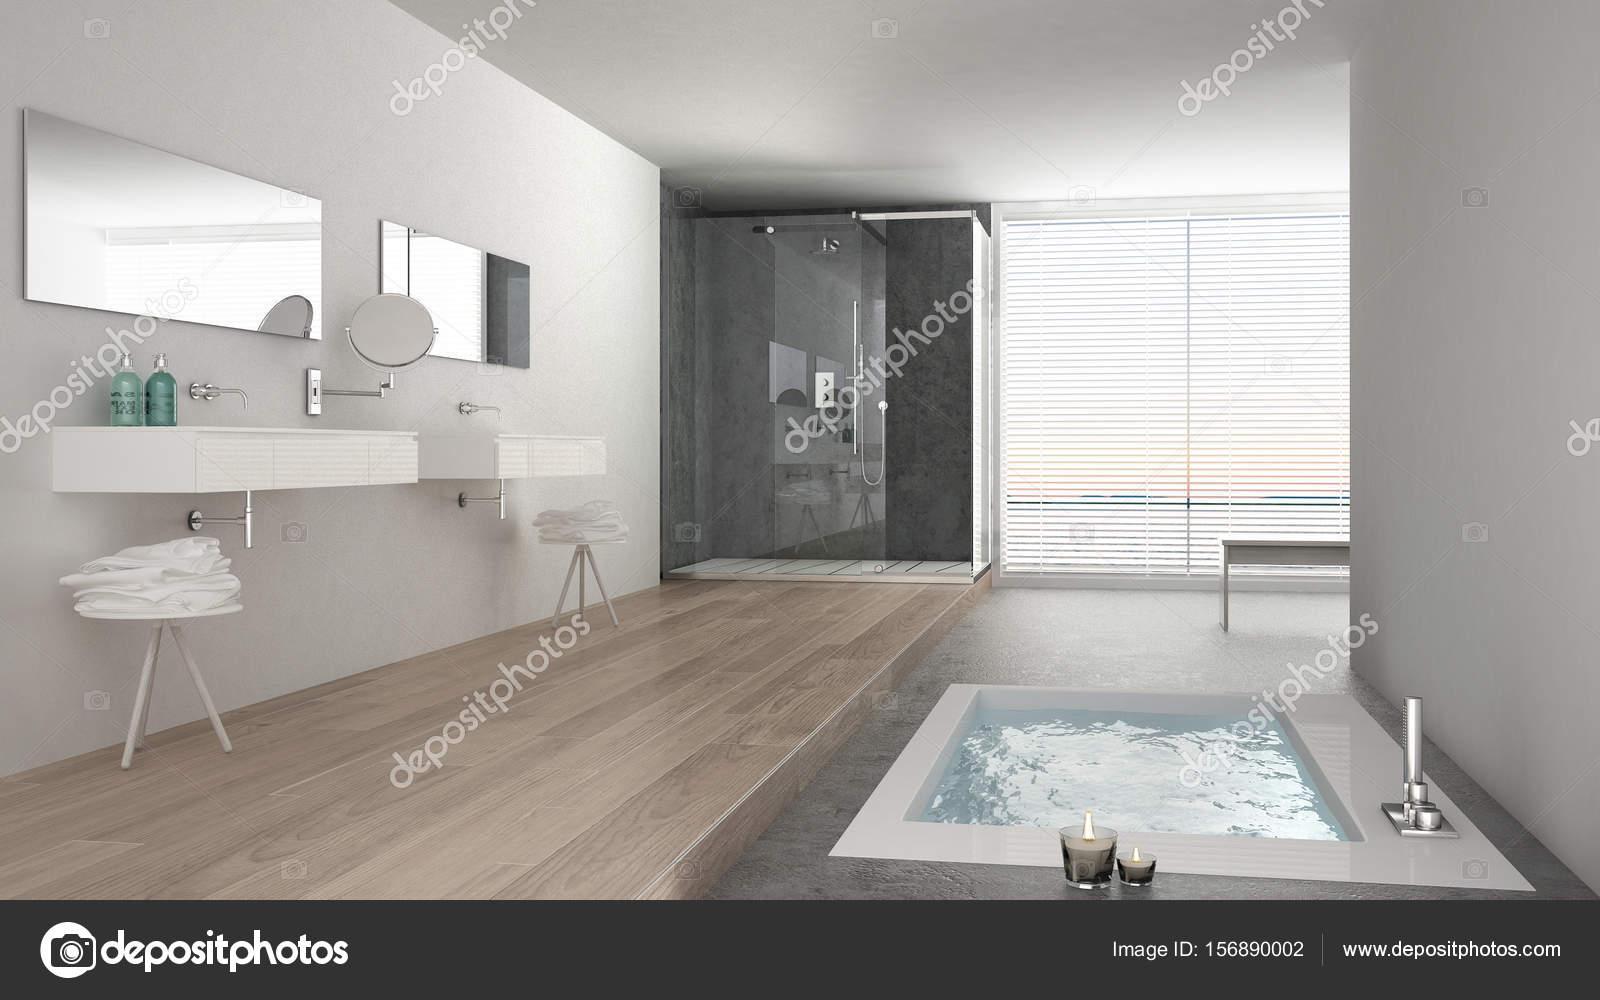 Wunderbar Minimalistische Weiße Badezimmer Mit Badewanne Und Panoramafenster, Cl U2014  Stockfoto